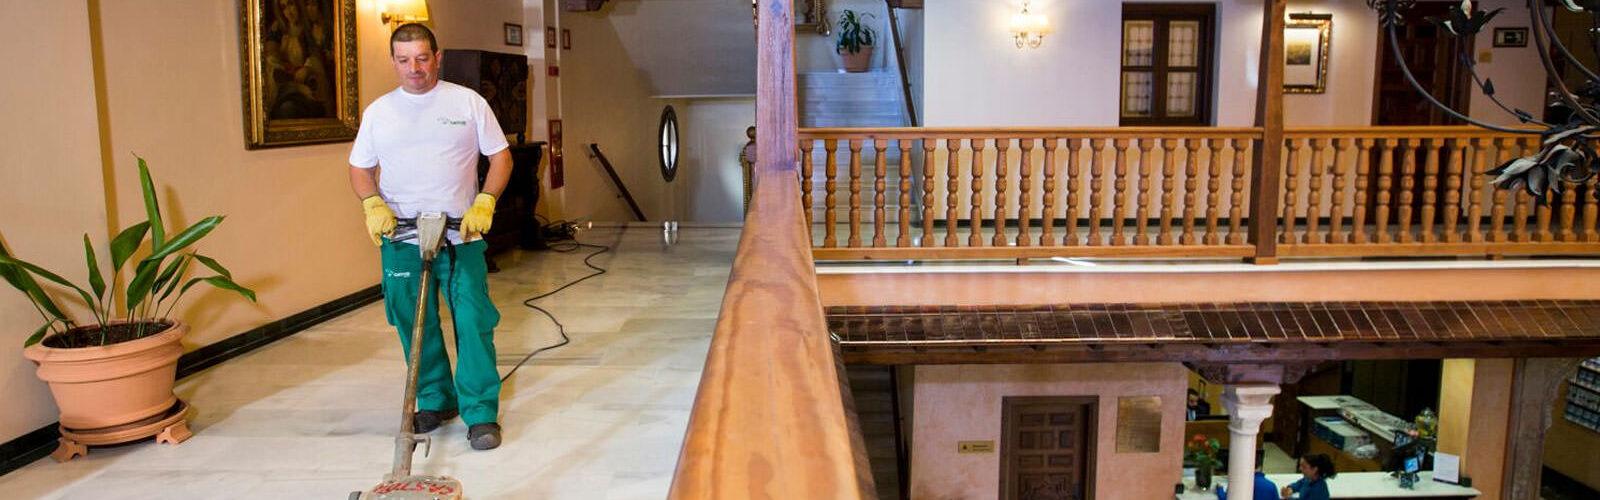 Limpiezas Castor. limpieza-hoteles-cordoba-1600x500 Limpieza de hoteles en Córdoba